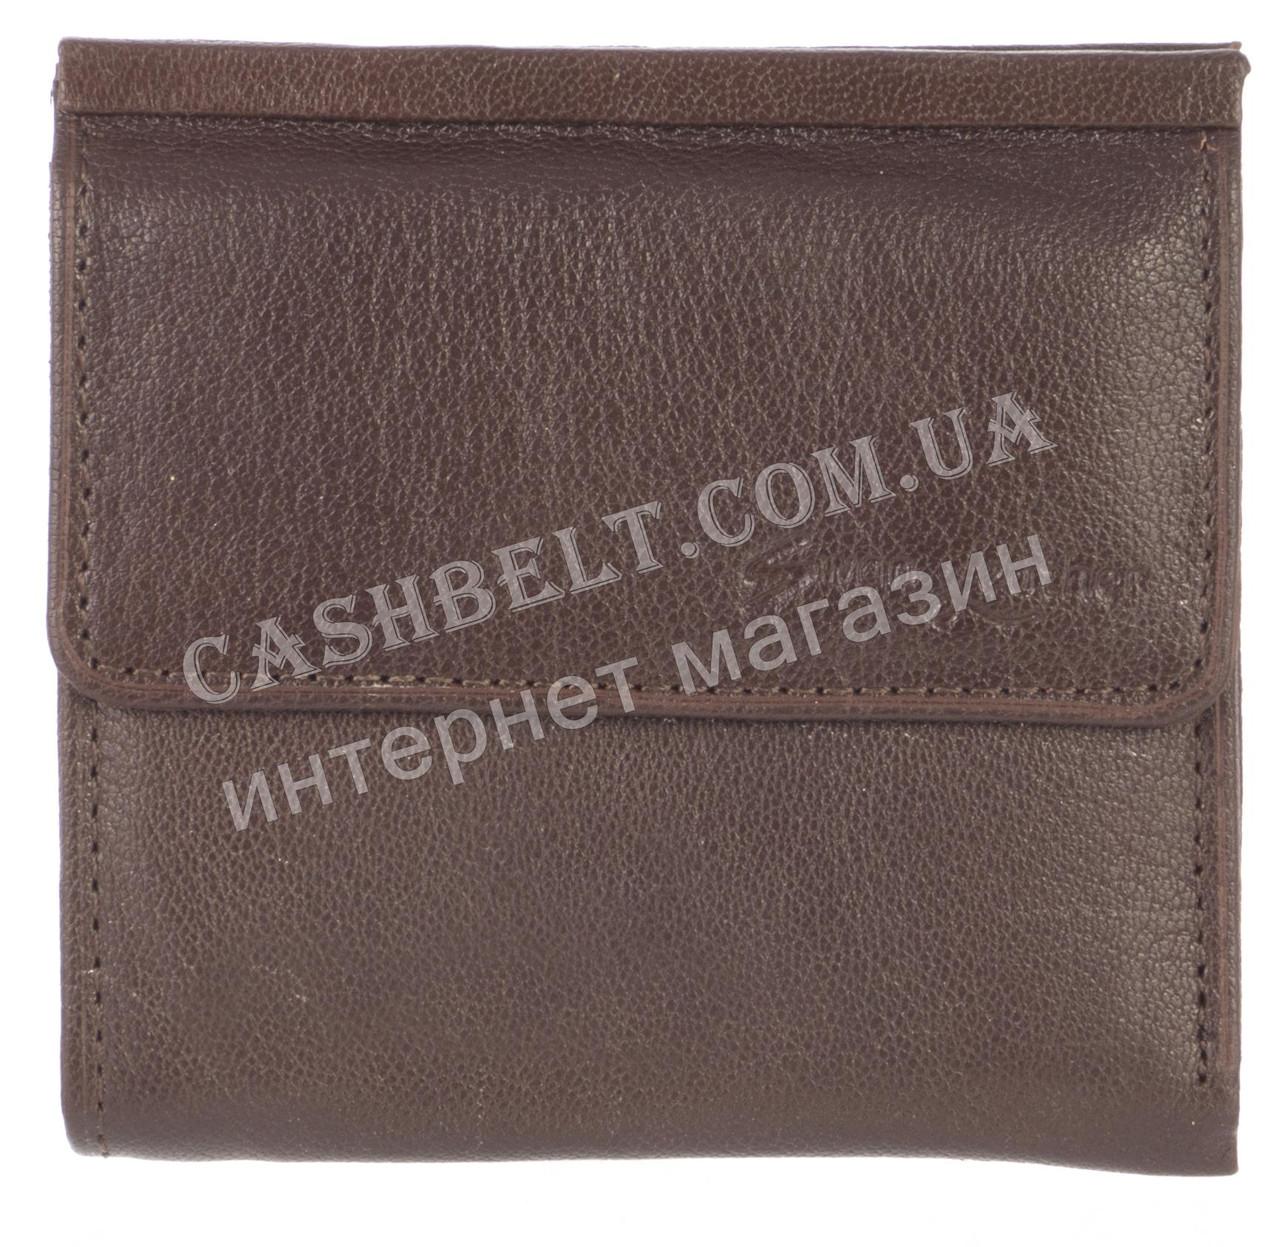 Недорогой женский кошелек с качественной мягкой кожи SWAN art. B 42 brown коричневый